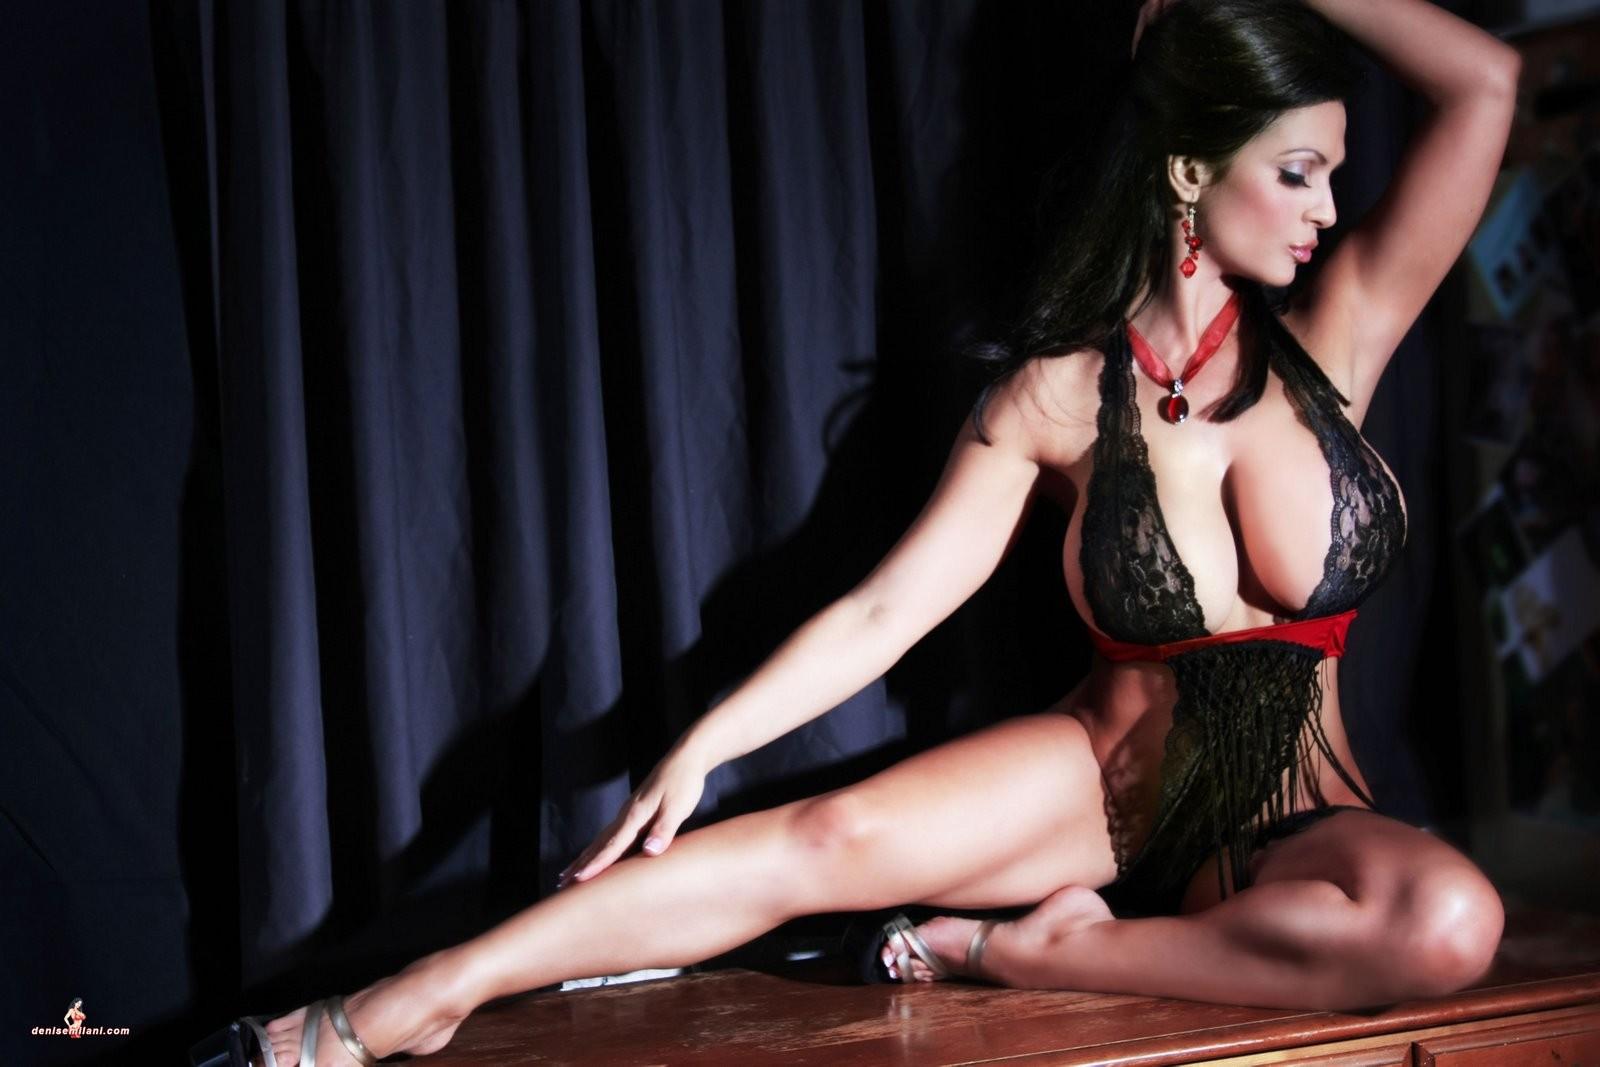 Naked dancing high heels big boobs